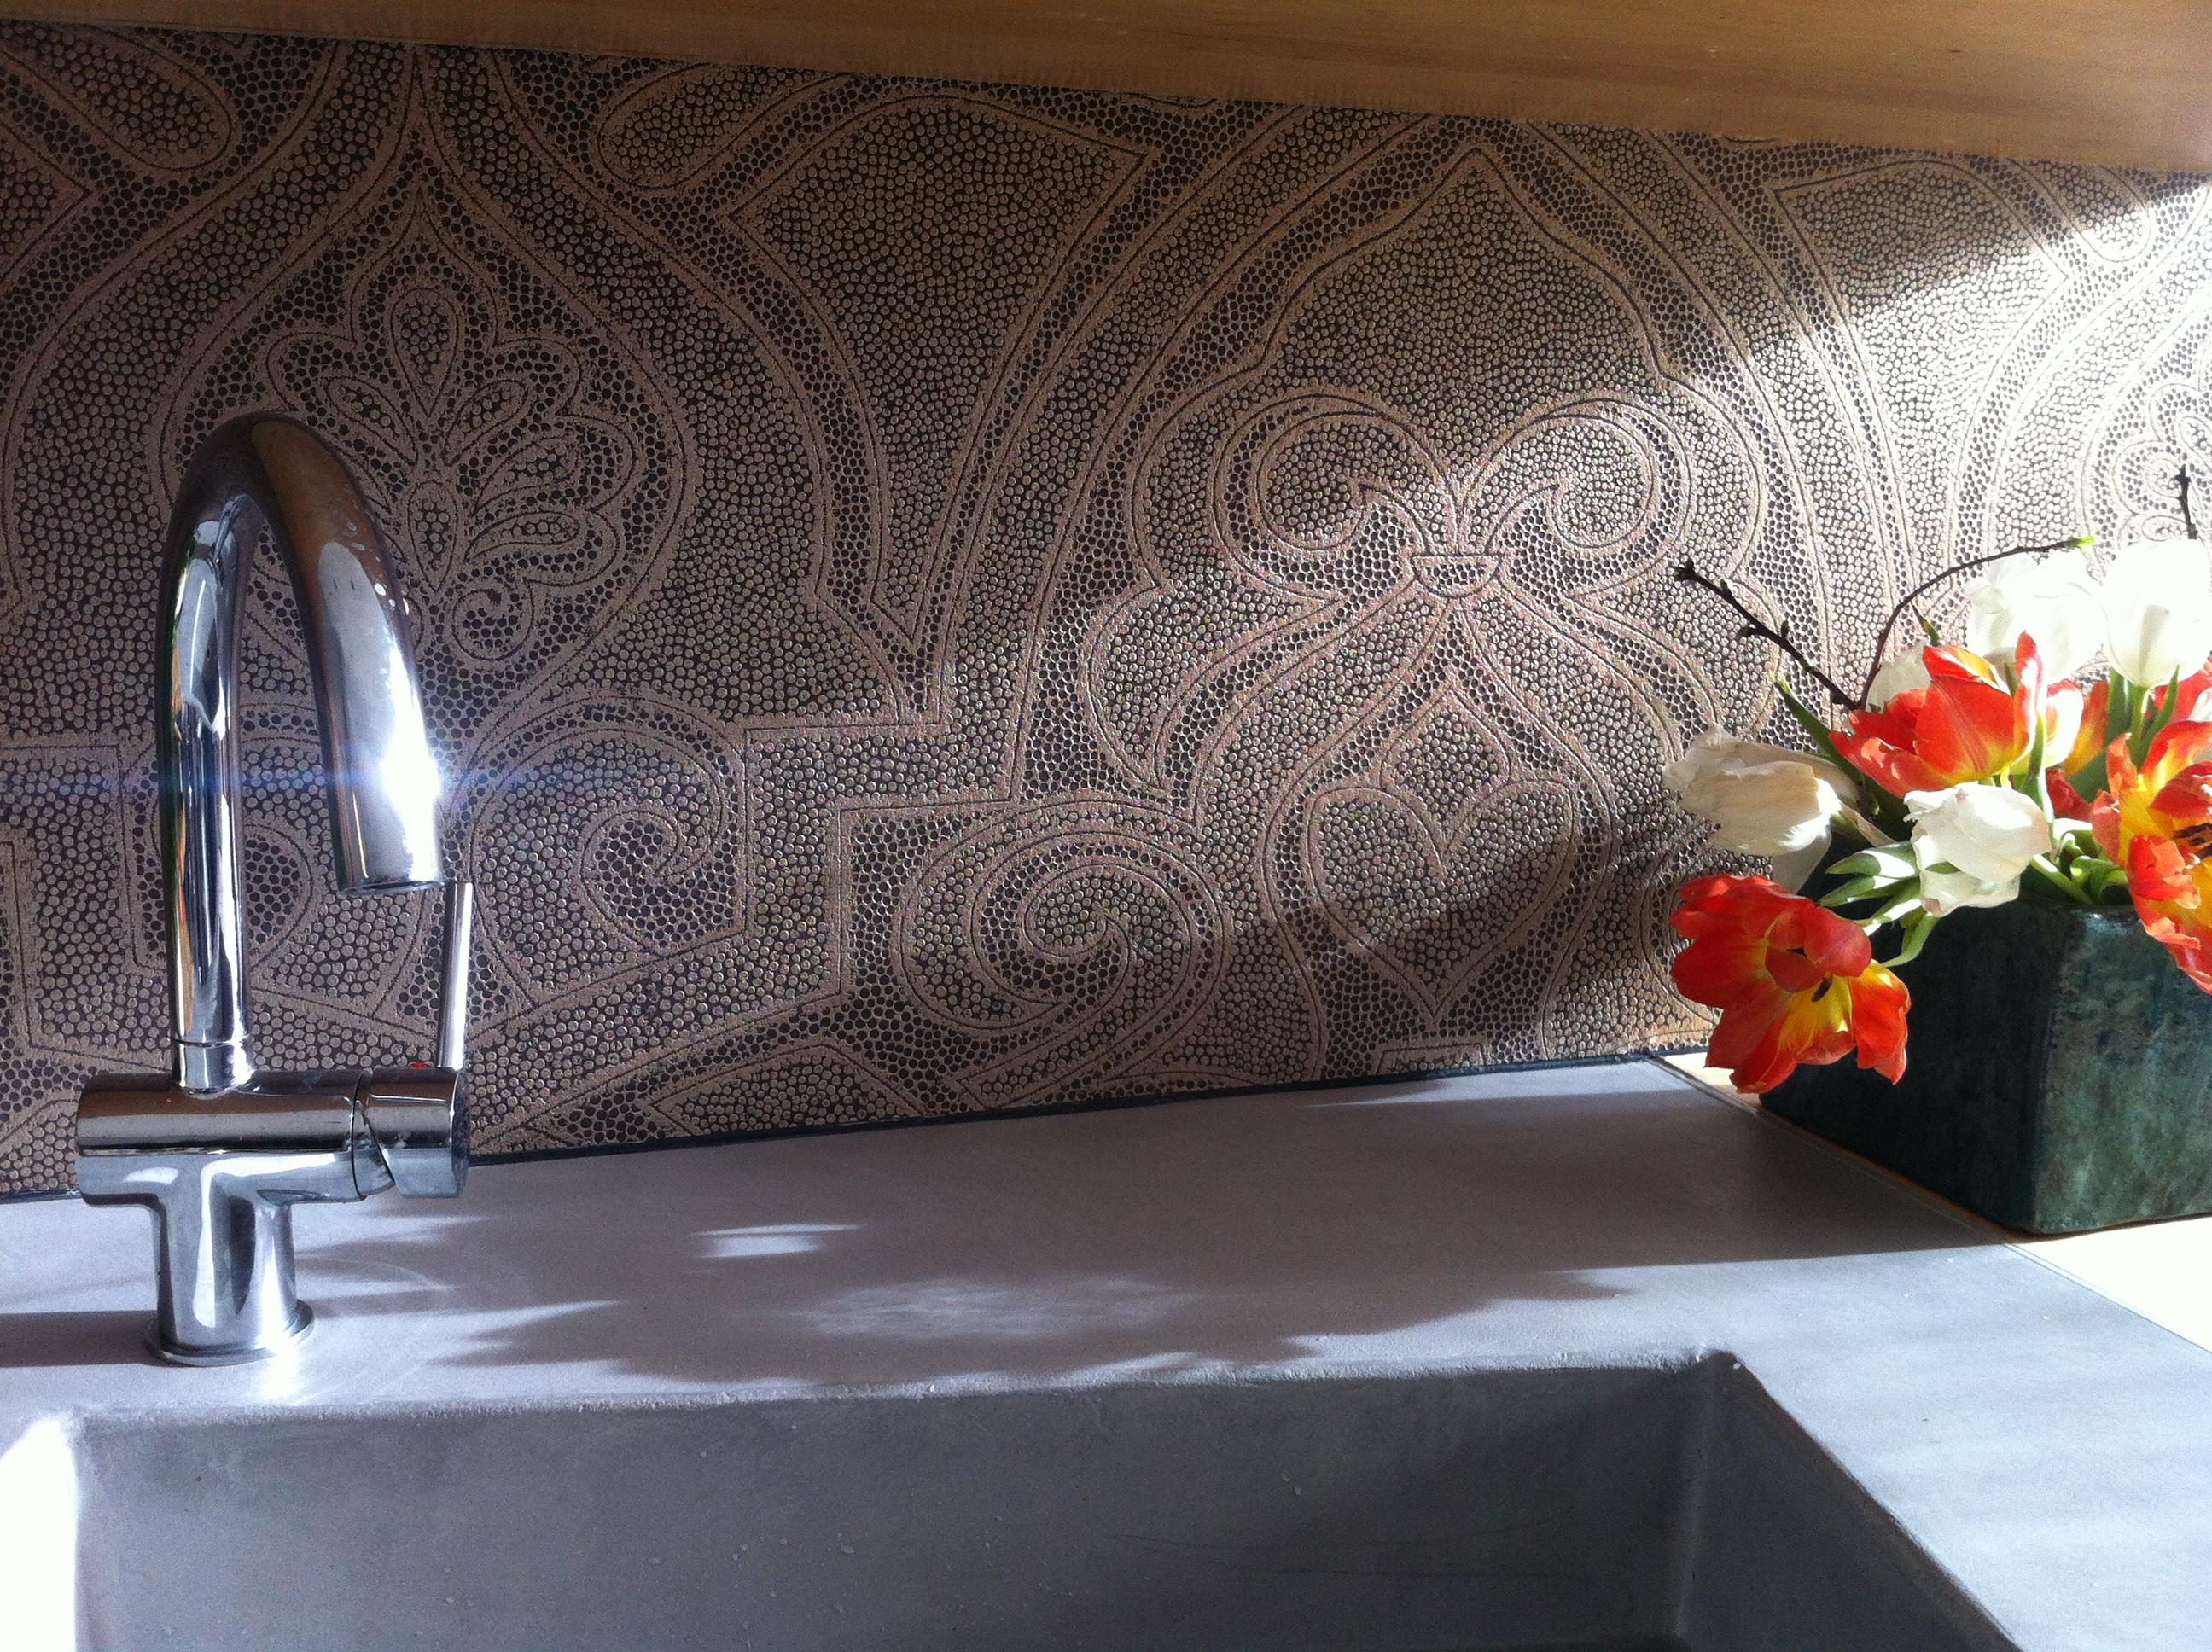 küchenrückwand – alternative zur fliese | farbefreudeleben